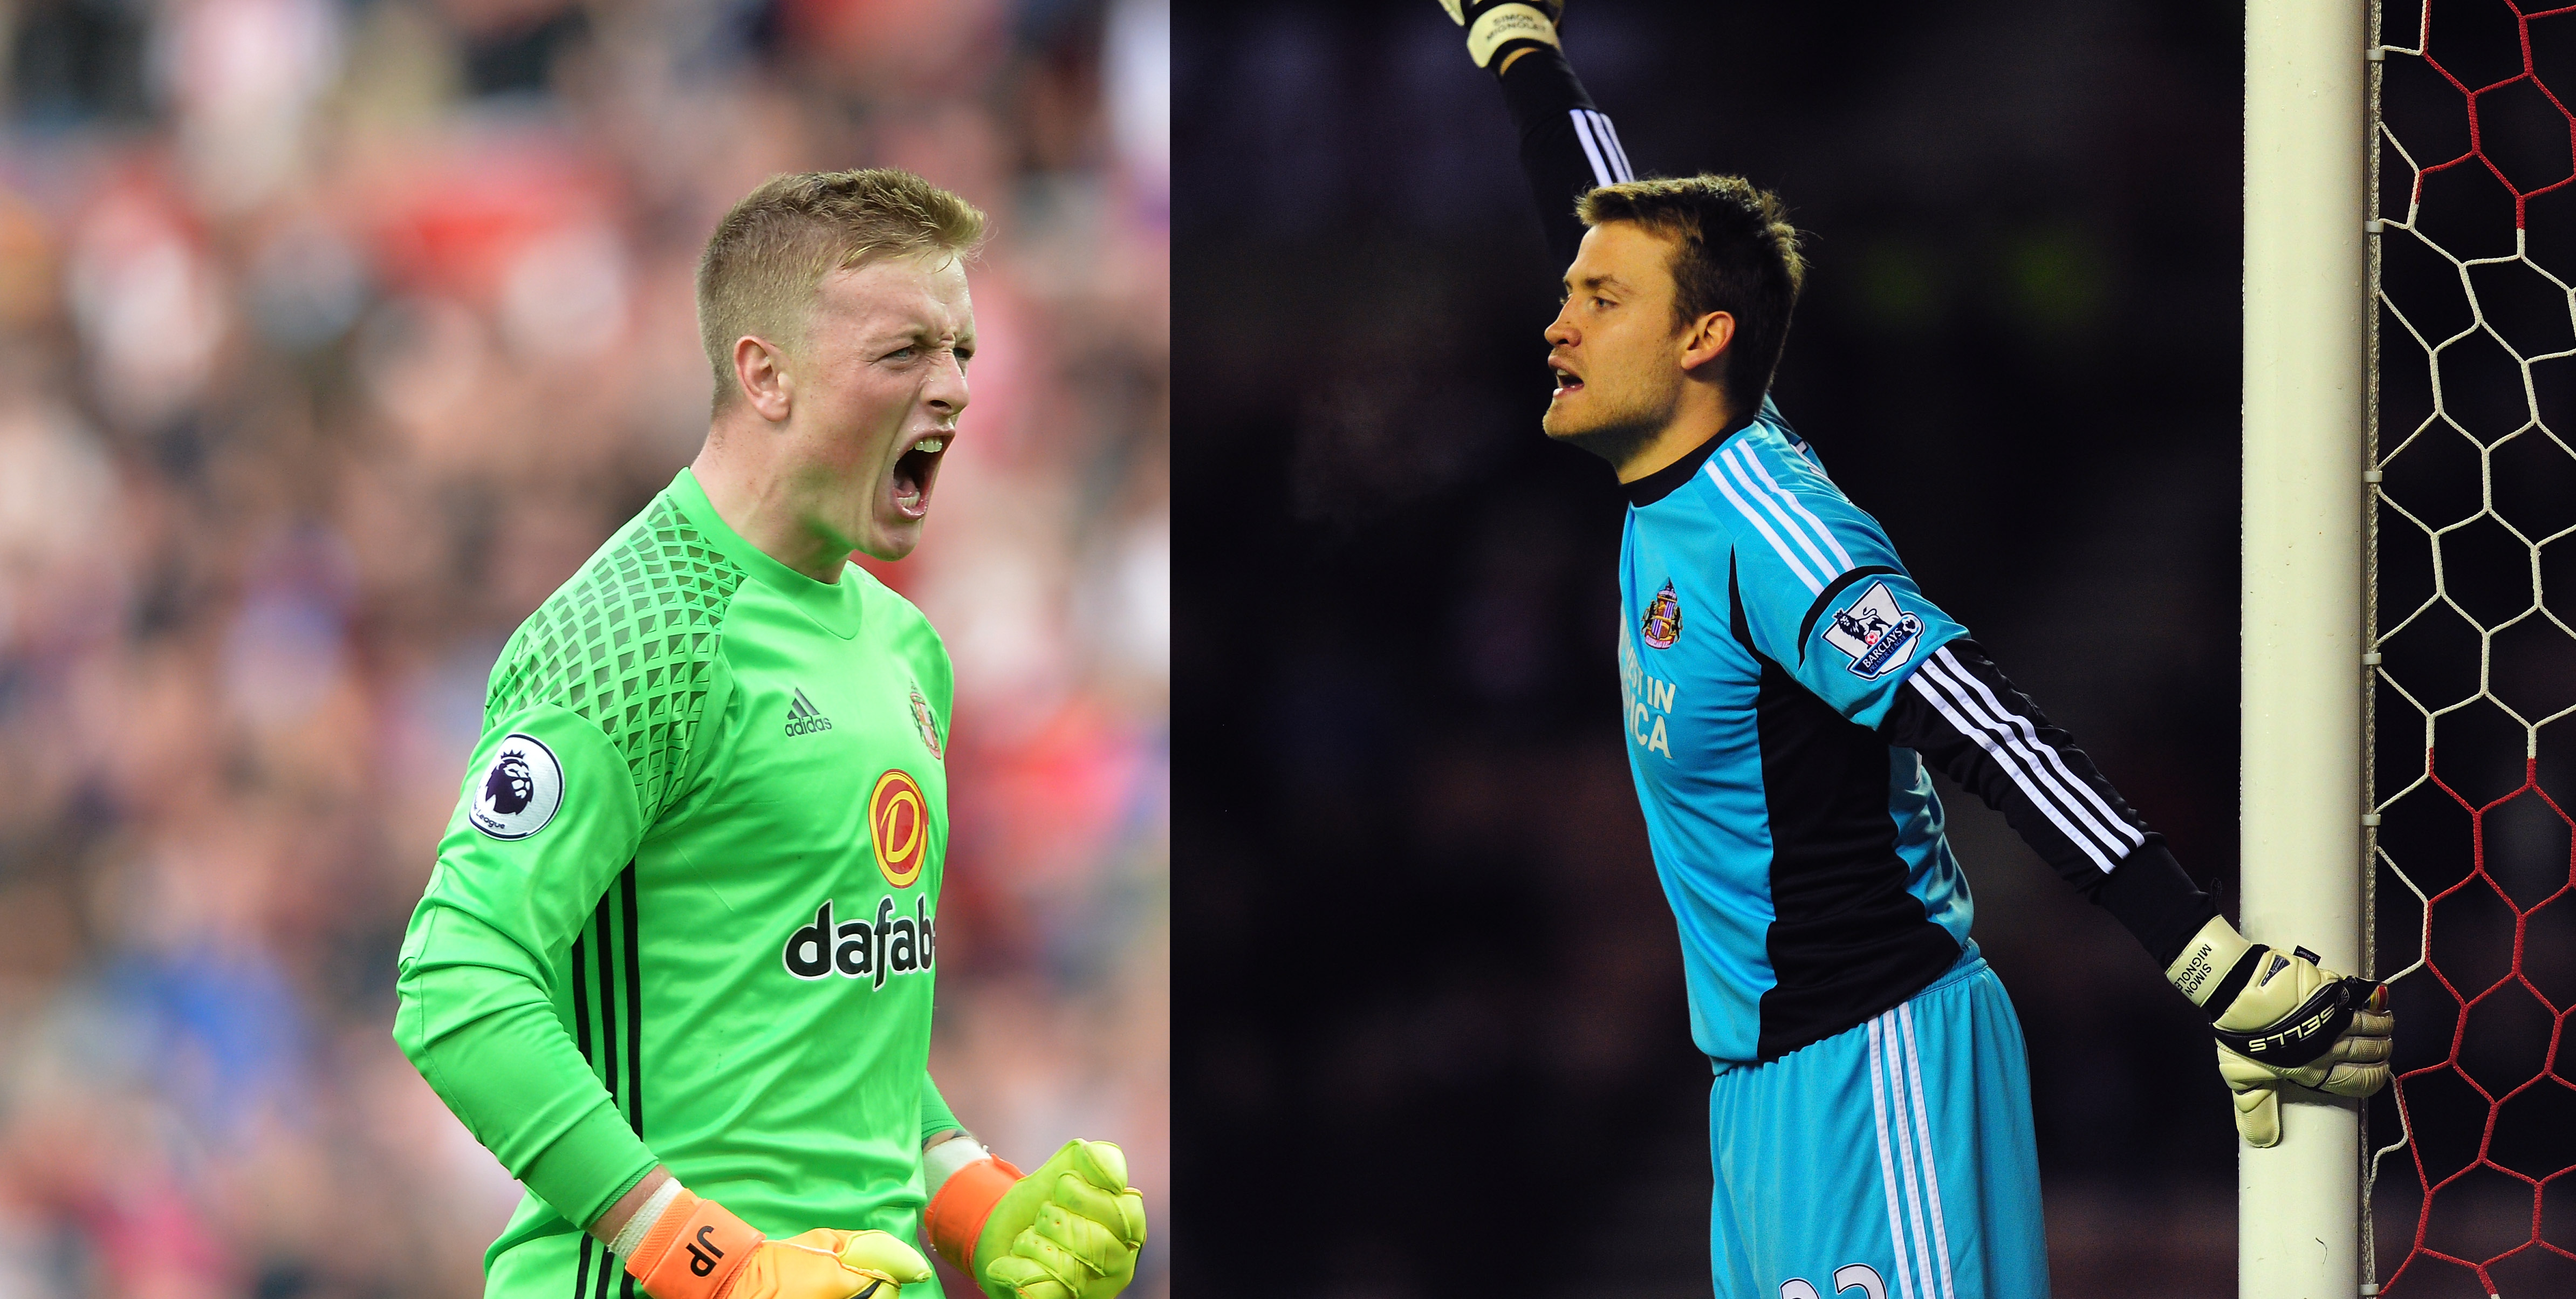 Sunderland's Greatest Goalkeeper of all time (Quarter Finals): Mignolet v Pickford - VOTE NOW!